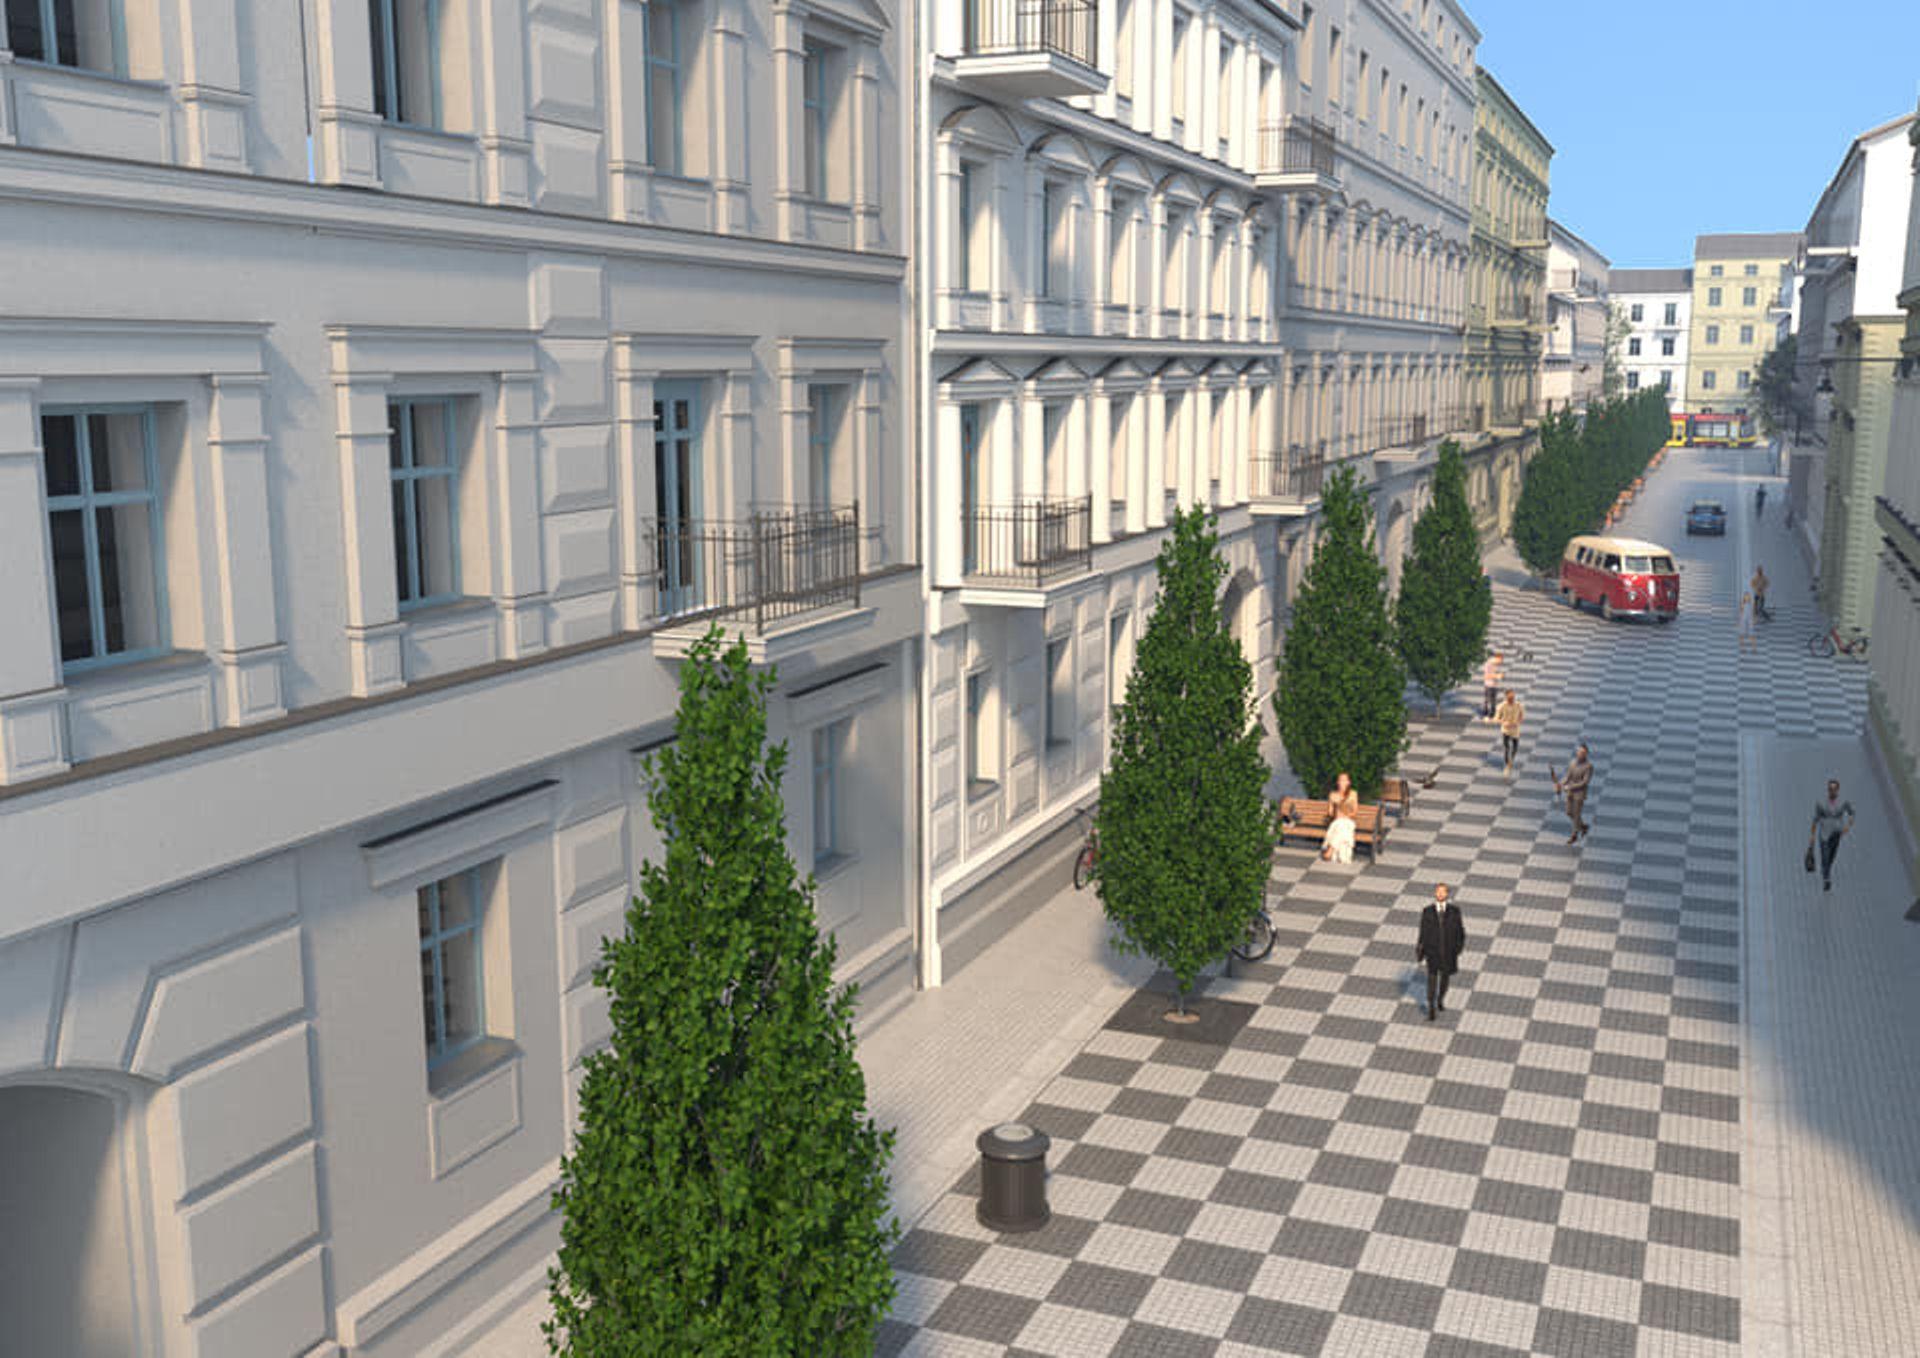 Łódź: Trzy kamienice przy Włókienniczej zyskały nowy wygląd